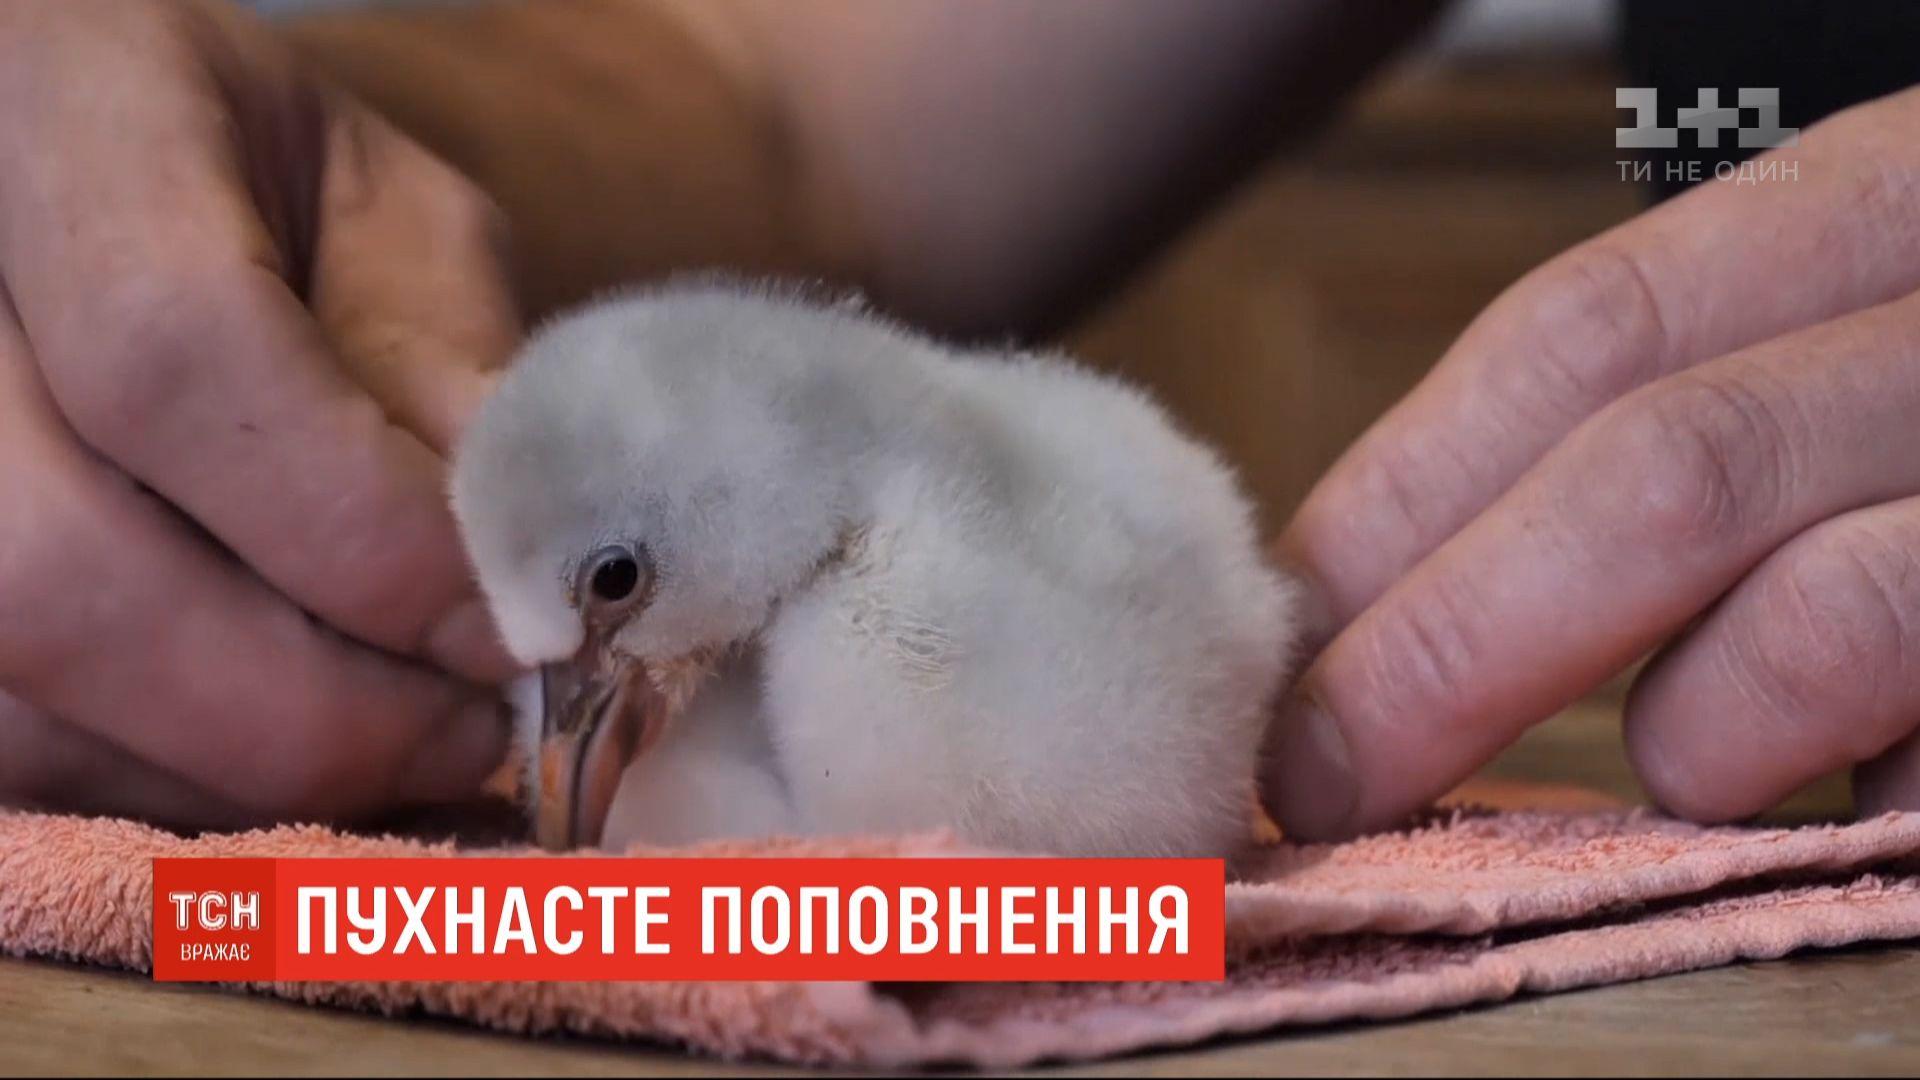 Птенец родился несколько недель назад с весом в 50 граммов / скриншот